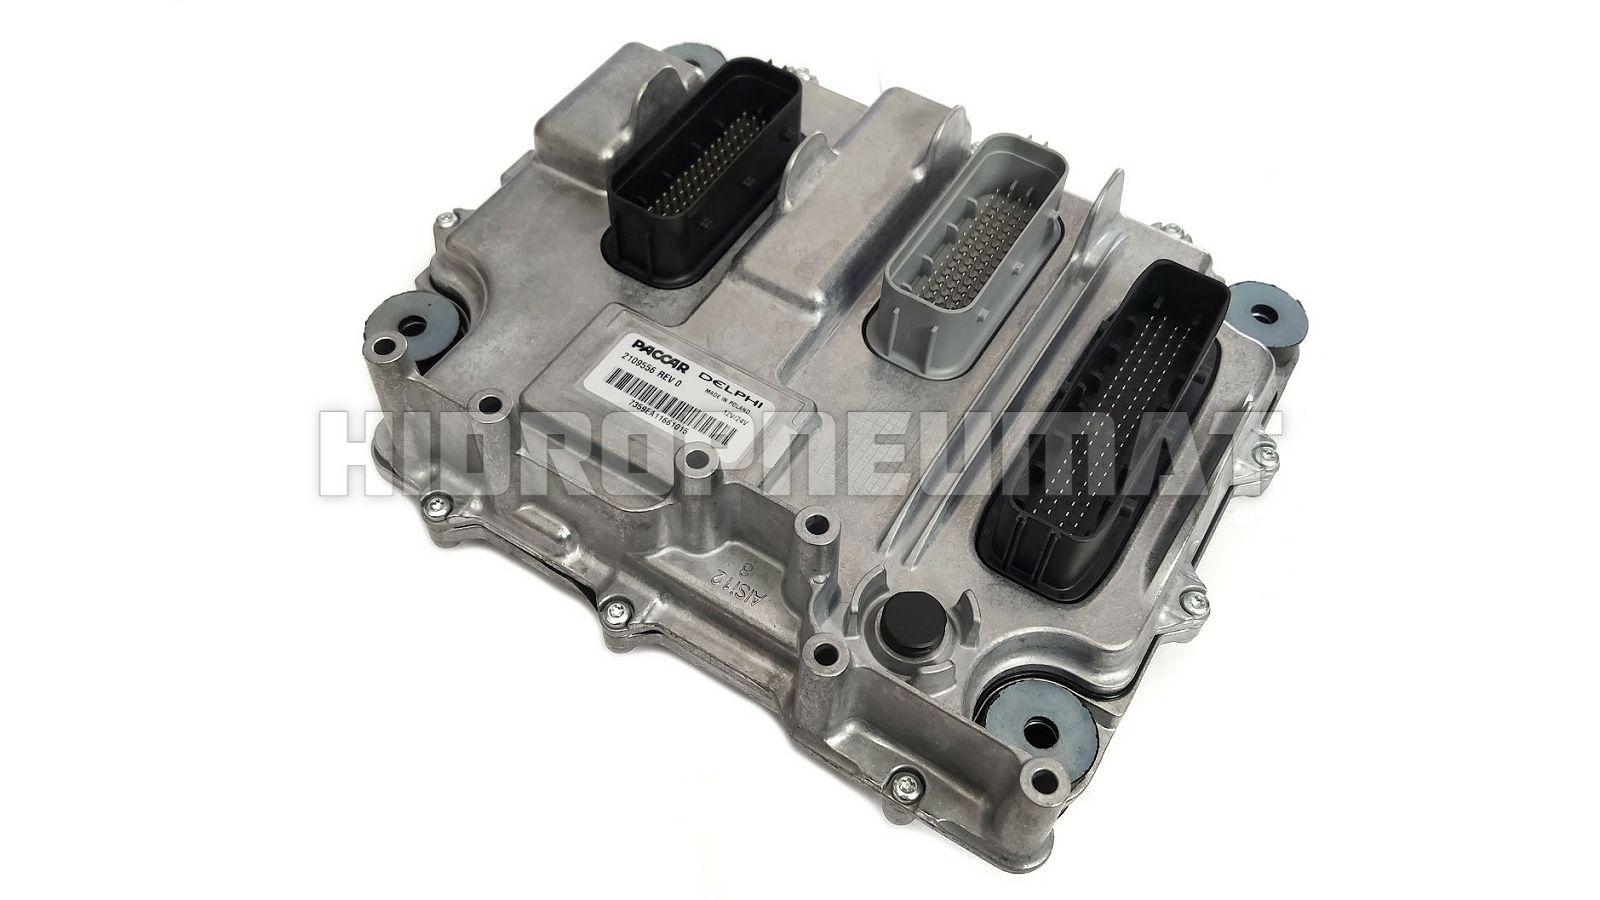 elektronika-motora-daf-xf-cf-euro-6-mx11-mx13-125345_1.jpg